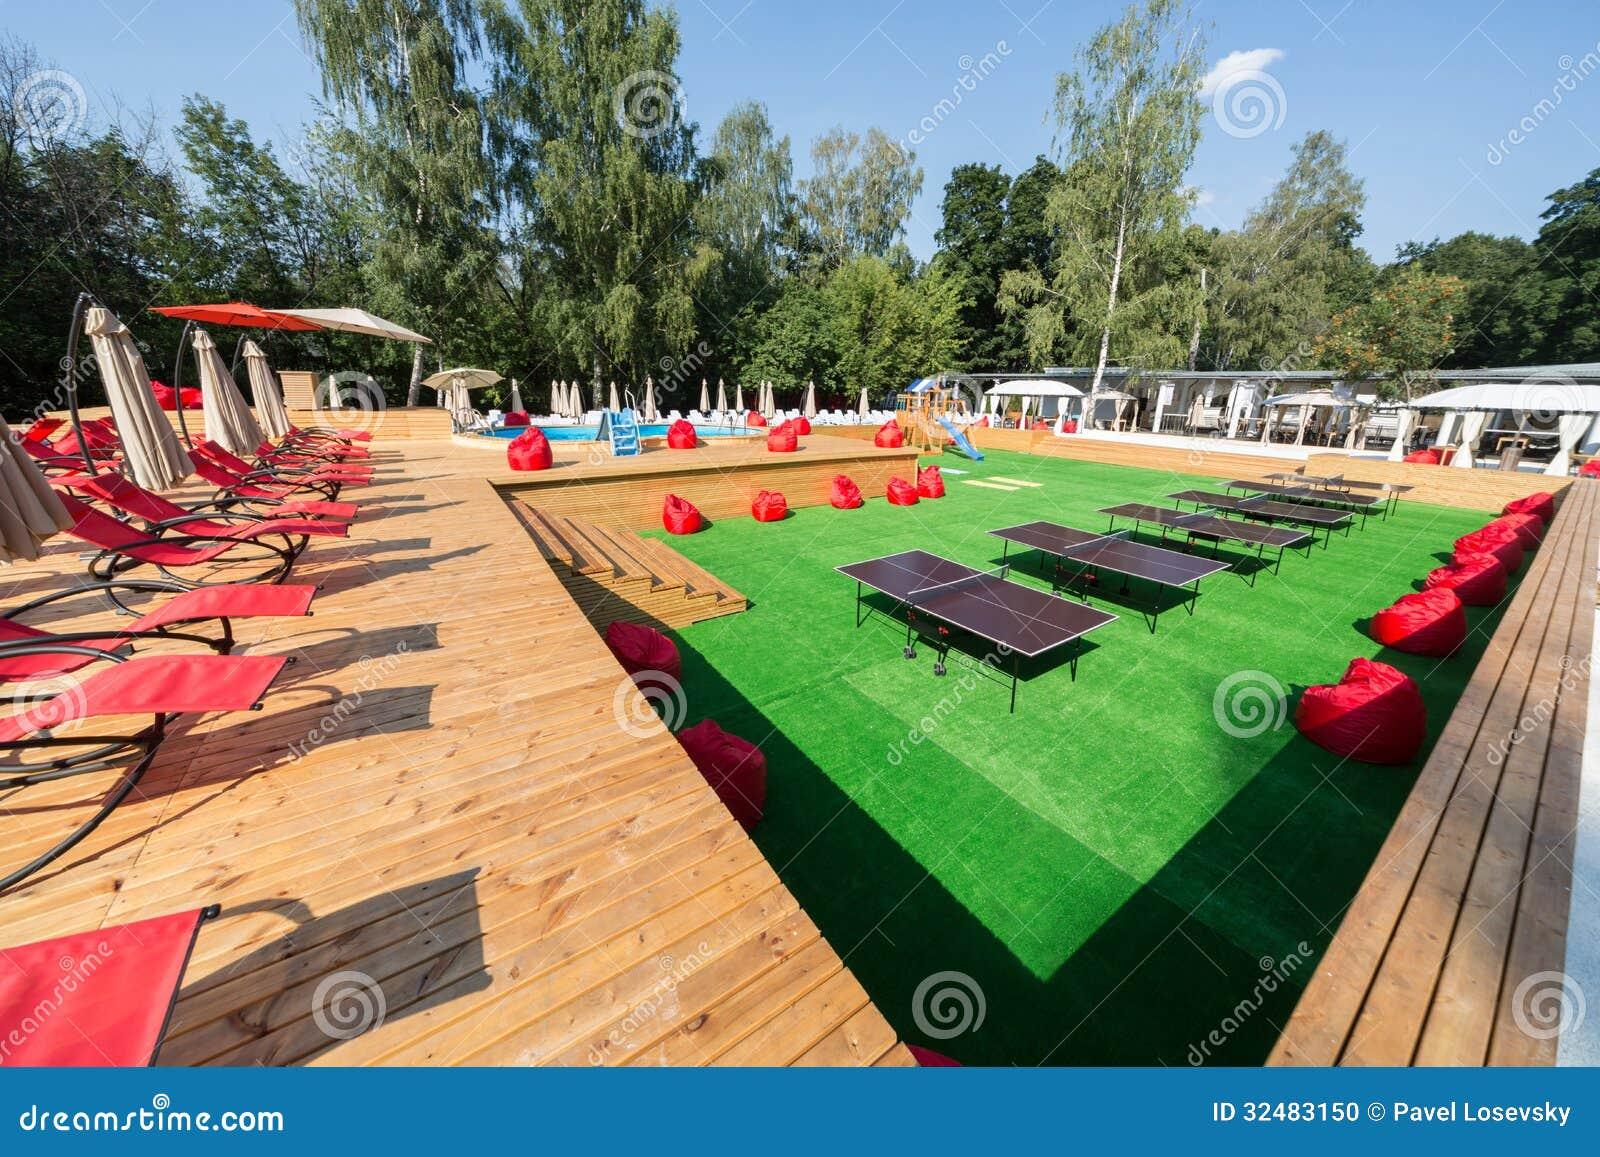 The Pool in Sokolniki 30